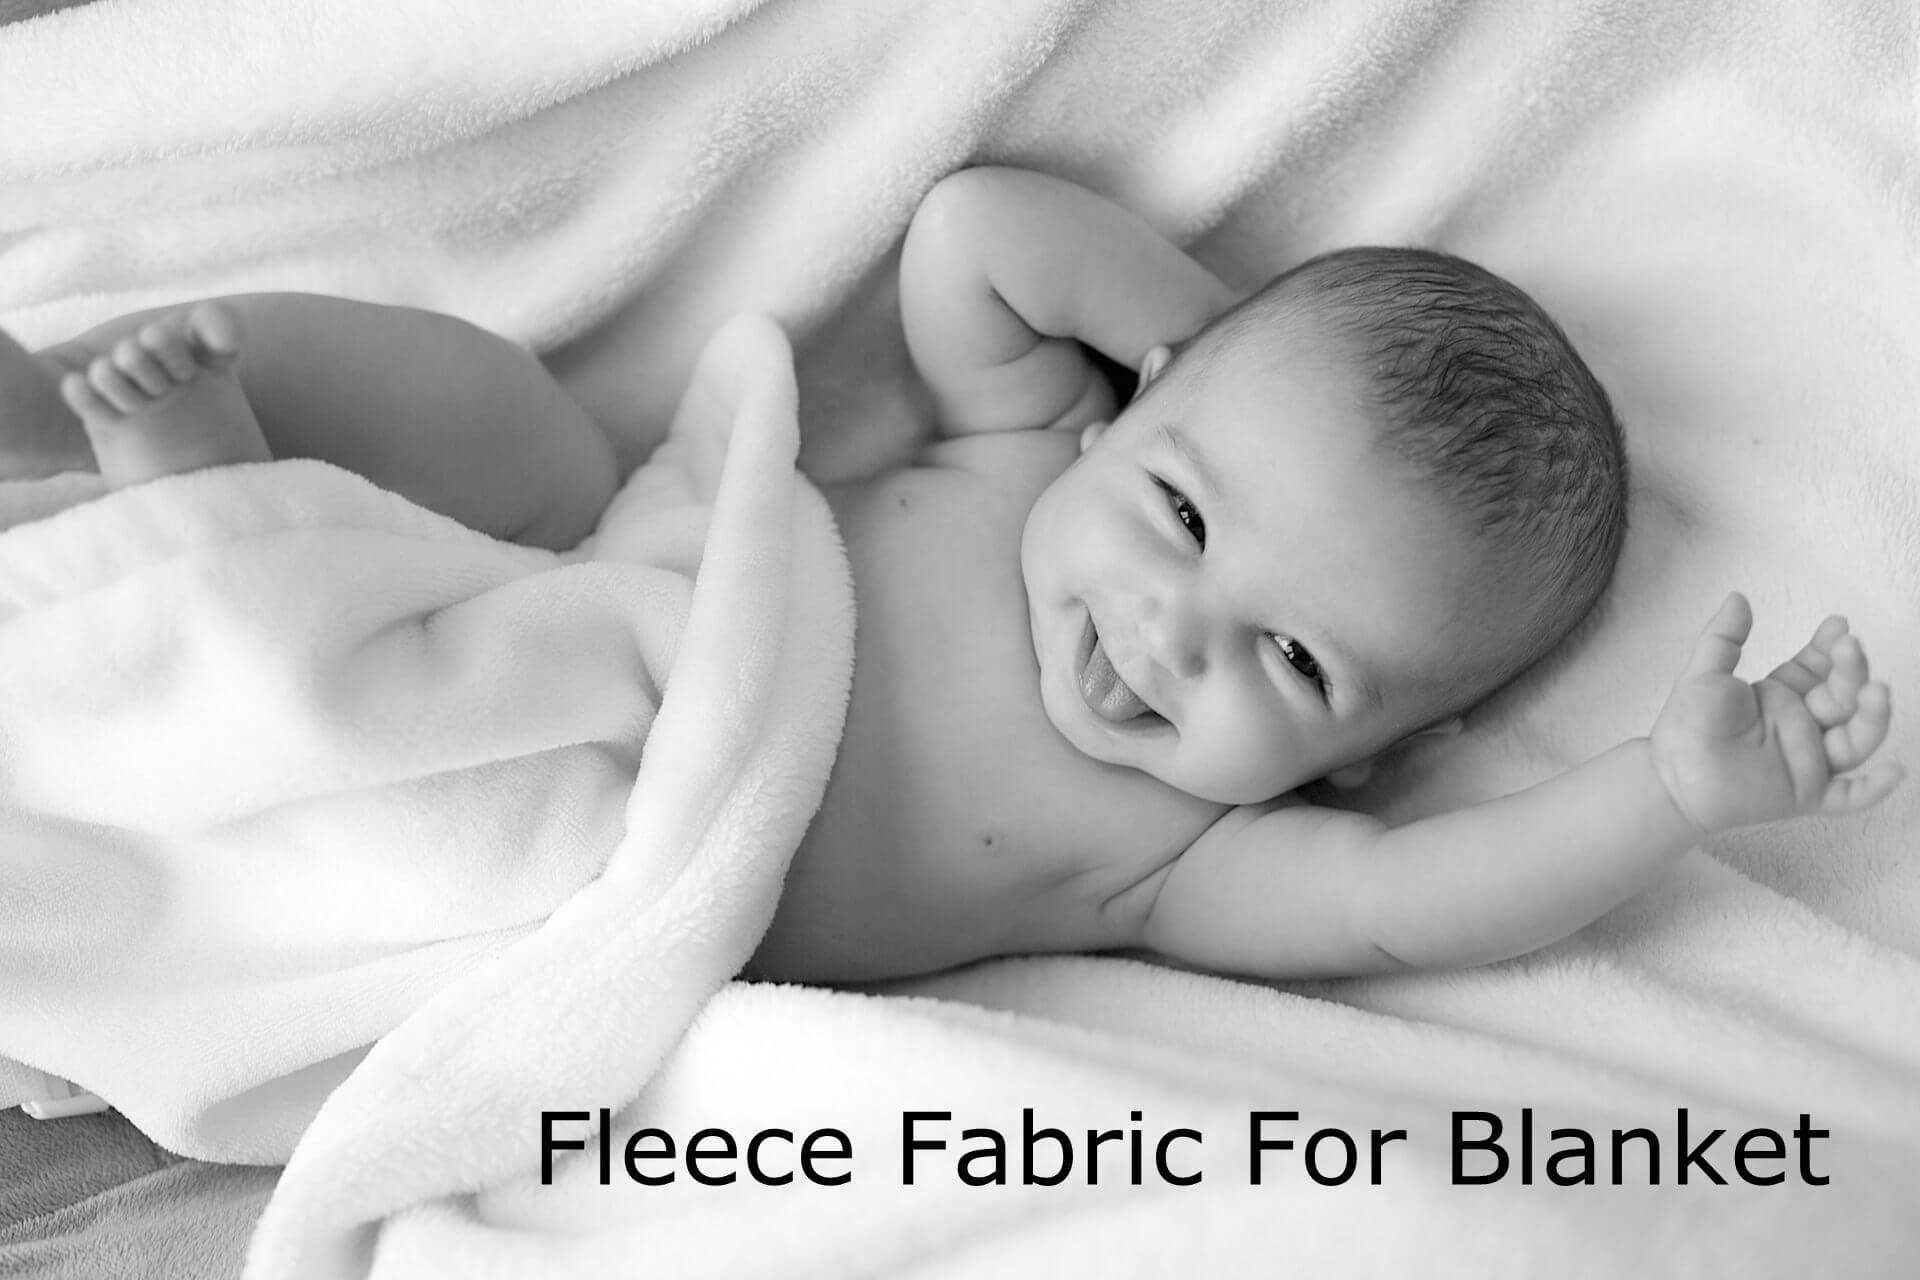 fleece-1839564_1920